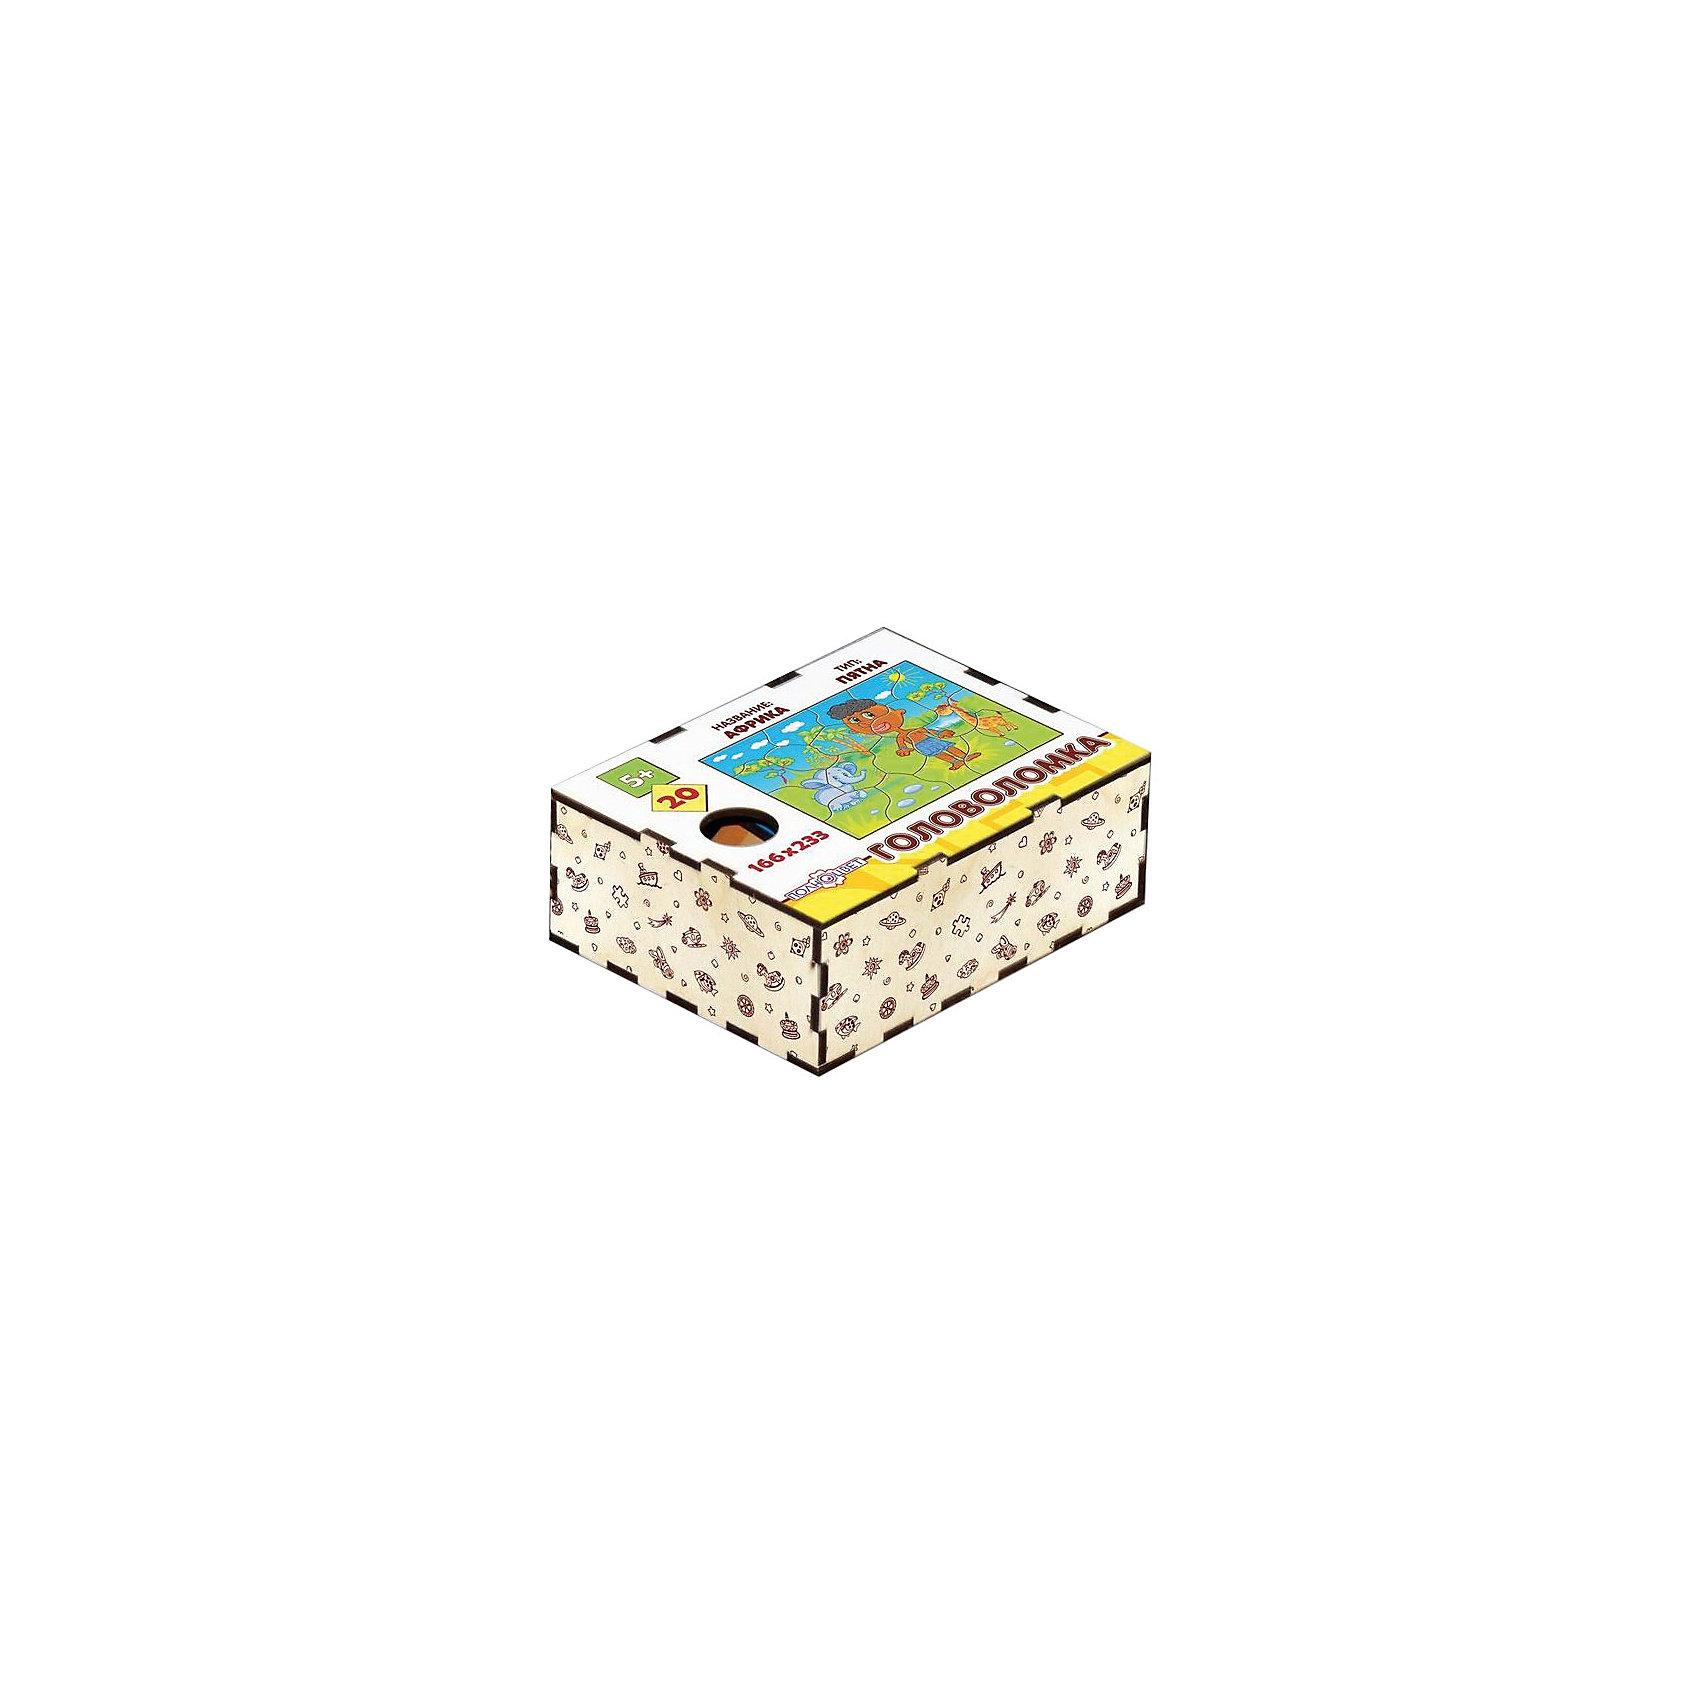 Головоломка Пятна. Африка, ПолноцветДеревянные головоломки<br>Деревянные головоломки с высококачественной печатью. Высокий срок службы и устойчивость к нагрузкам.  Рекомендовано для детских садов и центров, а также для домашнего использования.<br>1.    Головоломки сделаны из натурального дерева.<br>2.    Точная лазерная резка.<br>3.    Высококачественная печать.<br>4.    Прочность и долговечность.<br>5.    Экологичность и безопасность.<br>6.    Рекомендовано для детского развития. Размер: 166х233х3мм<br><br>Ширина мм: 30<br>Глубина мм: 230<br>Высота мм: 170<br>Вес г: 150<br>Возраст от месяцев: 36<br>Возраст до месяцев: 2147483647<br>Пол: Унисекс<br>Возраст: Детский<br>SKU: 7025965